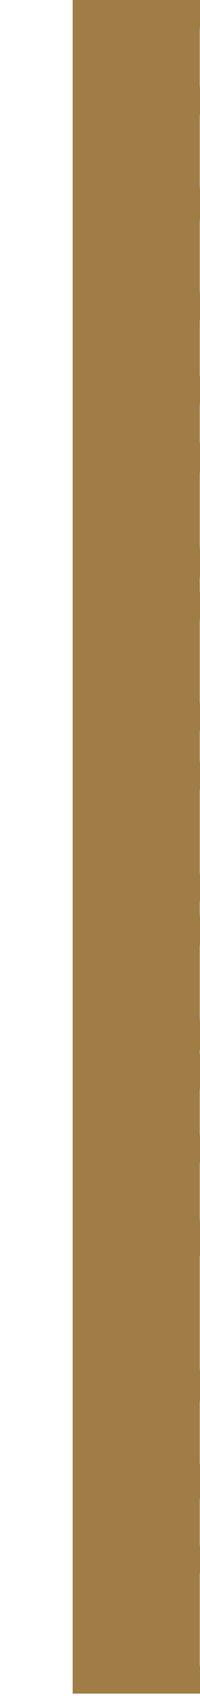 programmation au bâoli cannes dorée